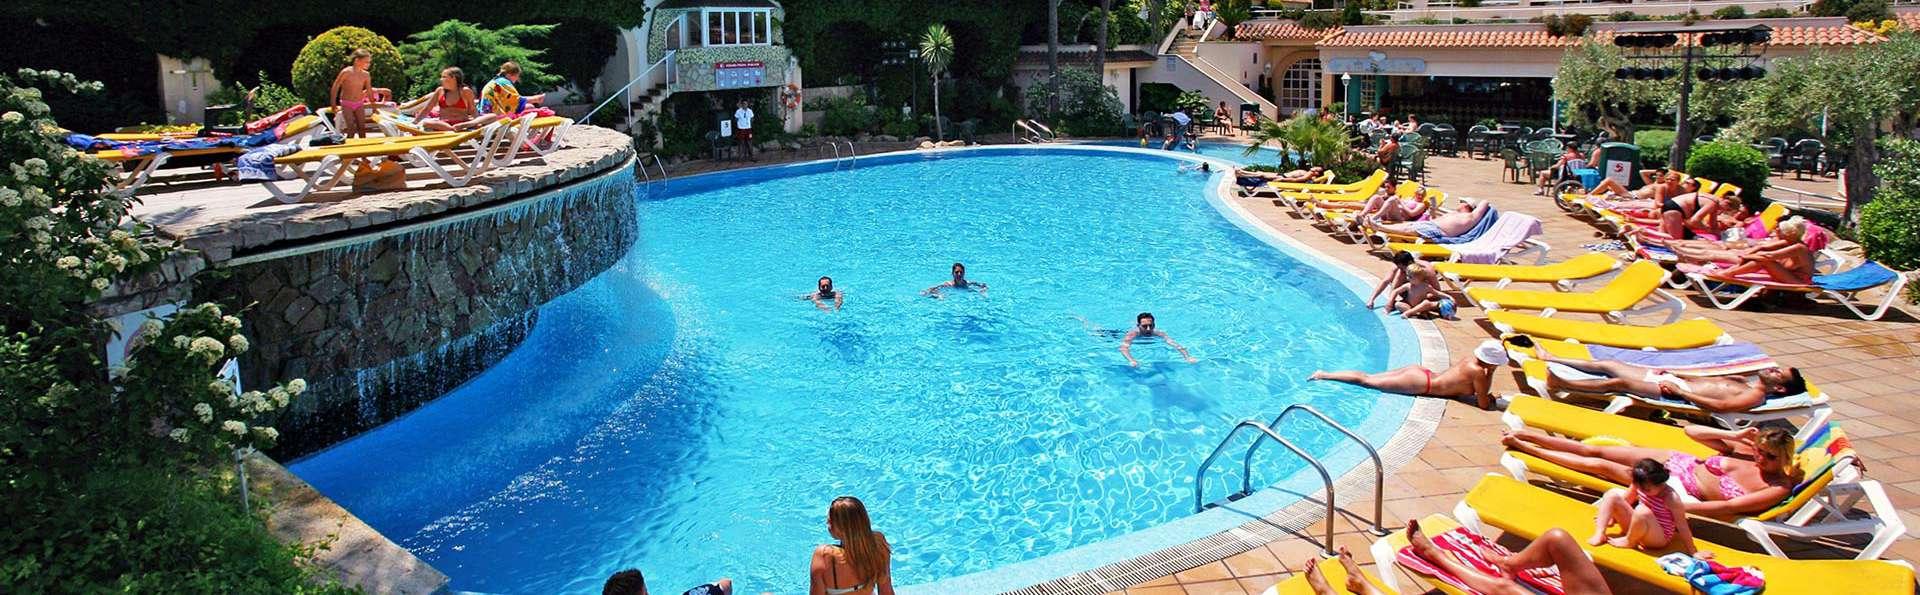 Oferta con tiempo limitado:Todo incluido en junior suite familiar en la Costa Brava (desde 3 noches)